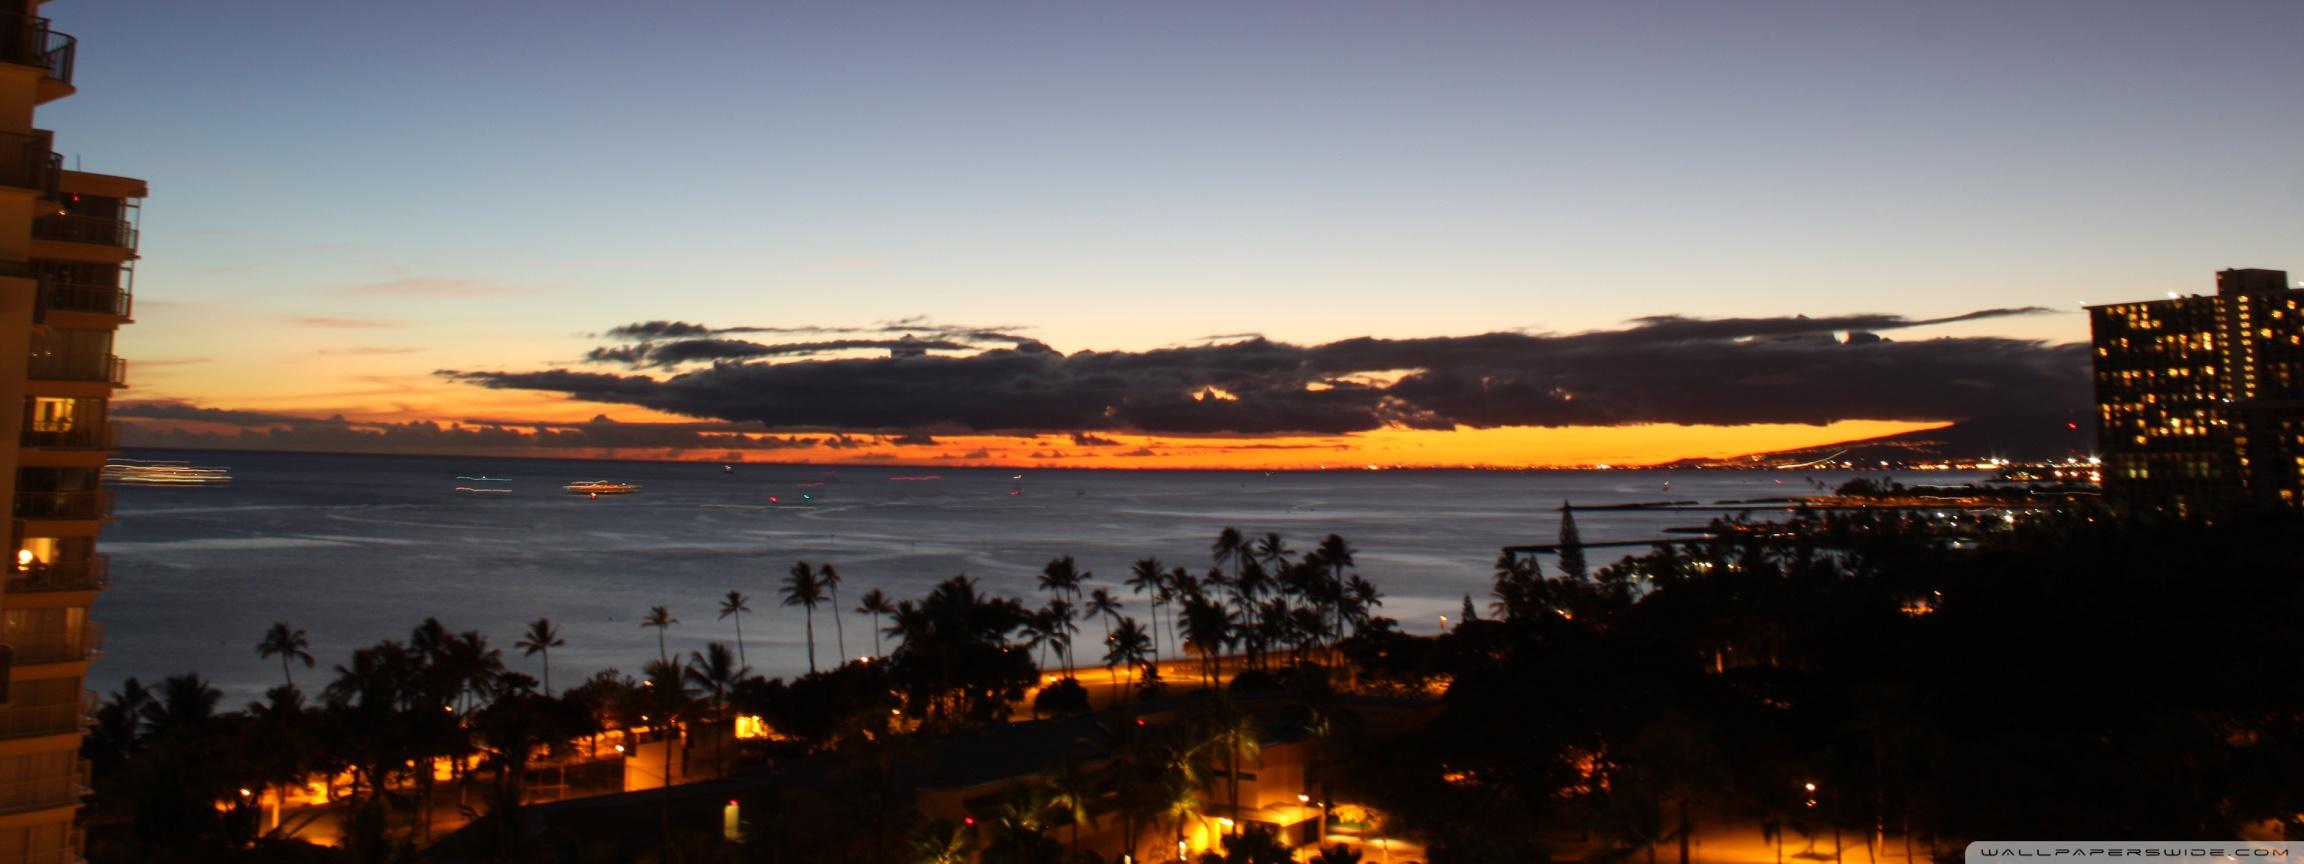 Sundown Oahu Hawaii 4K HD Desktop Wallpaper for 4K Ultra